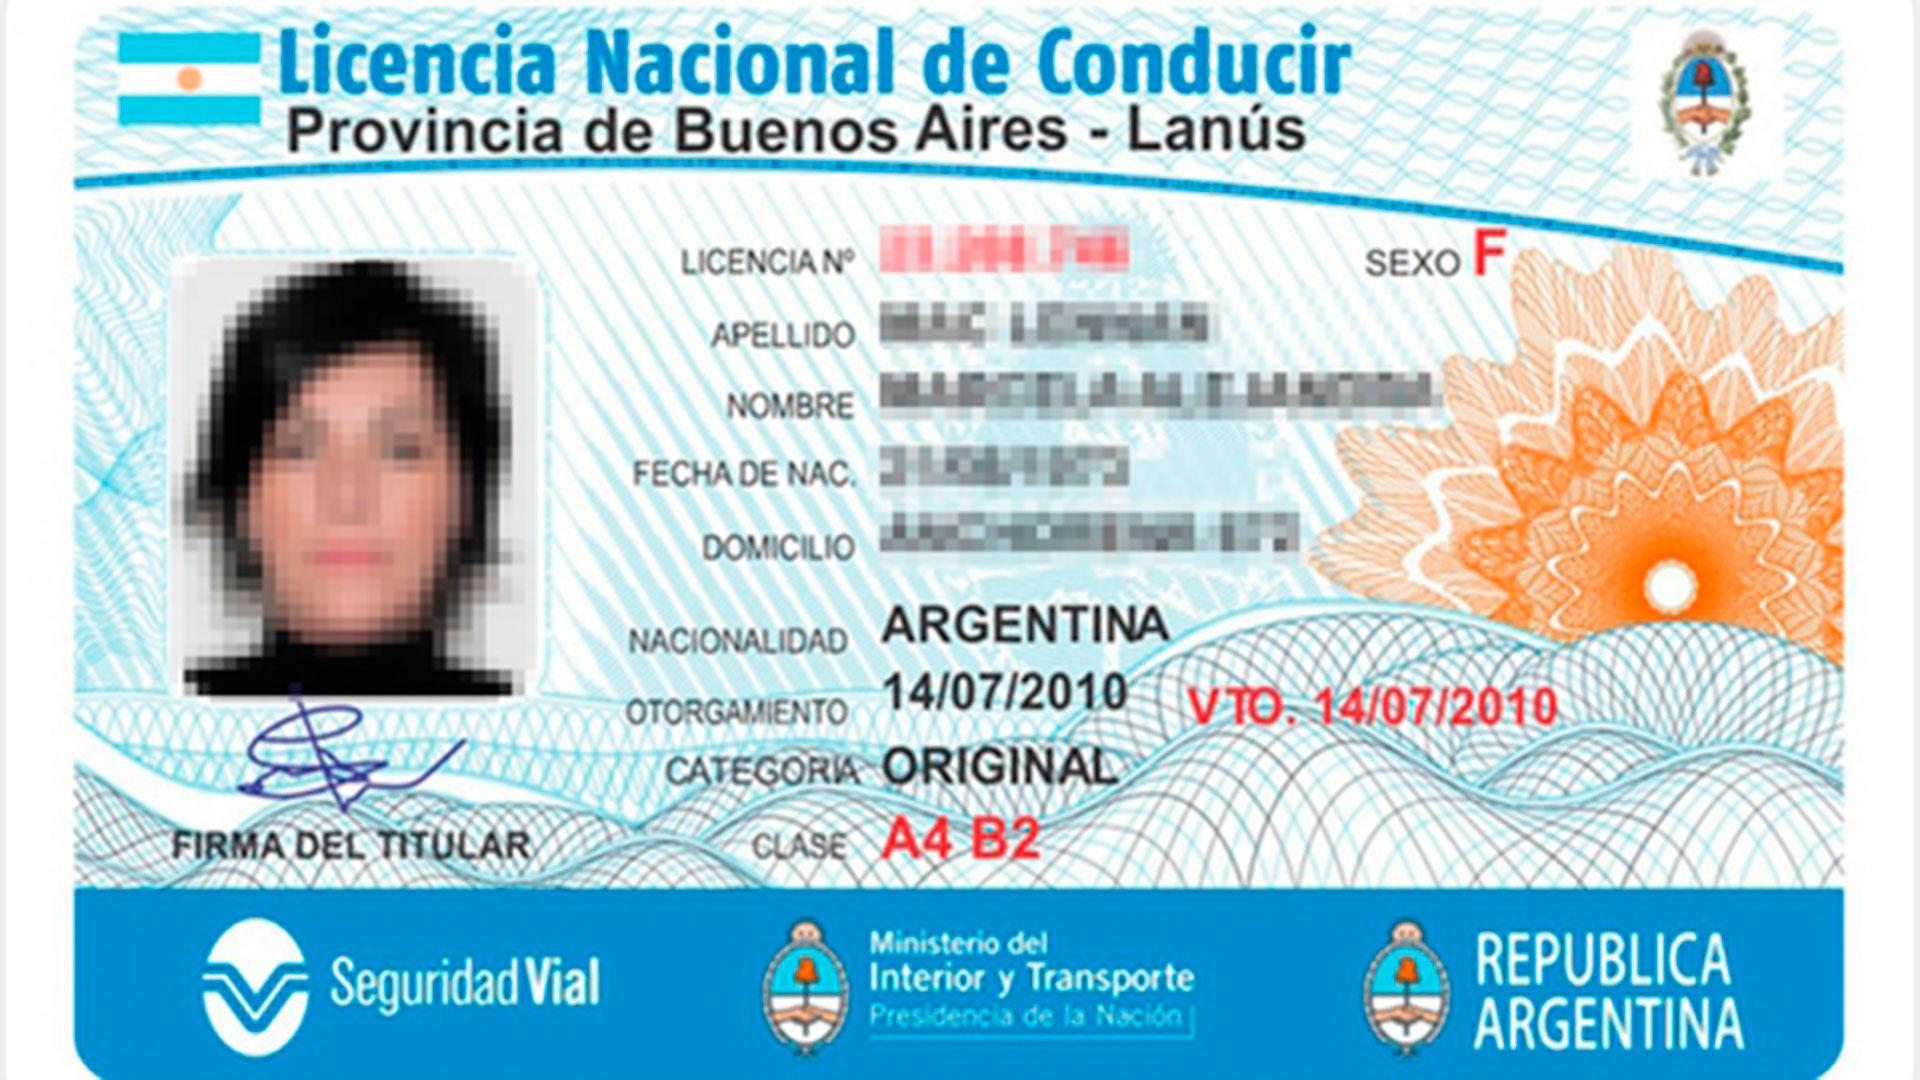 Municipio, informa que se extiende la postergación de los vencimientos de las Licencias Nacionales de Conducir en nuestro distrito, hasta el 30 de junio de 2021